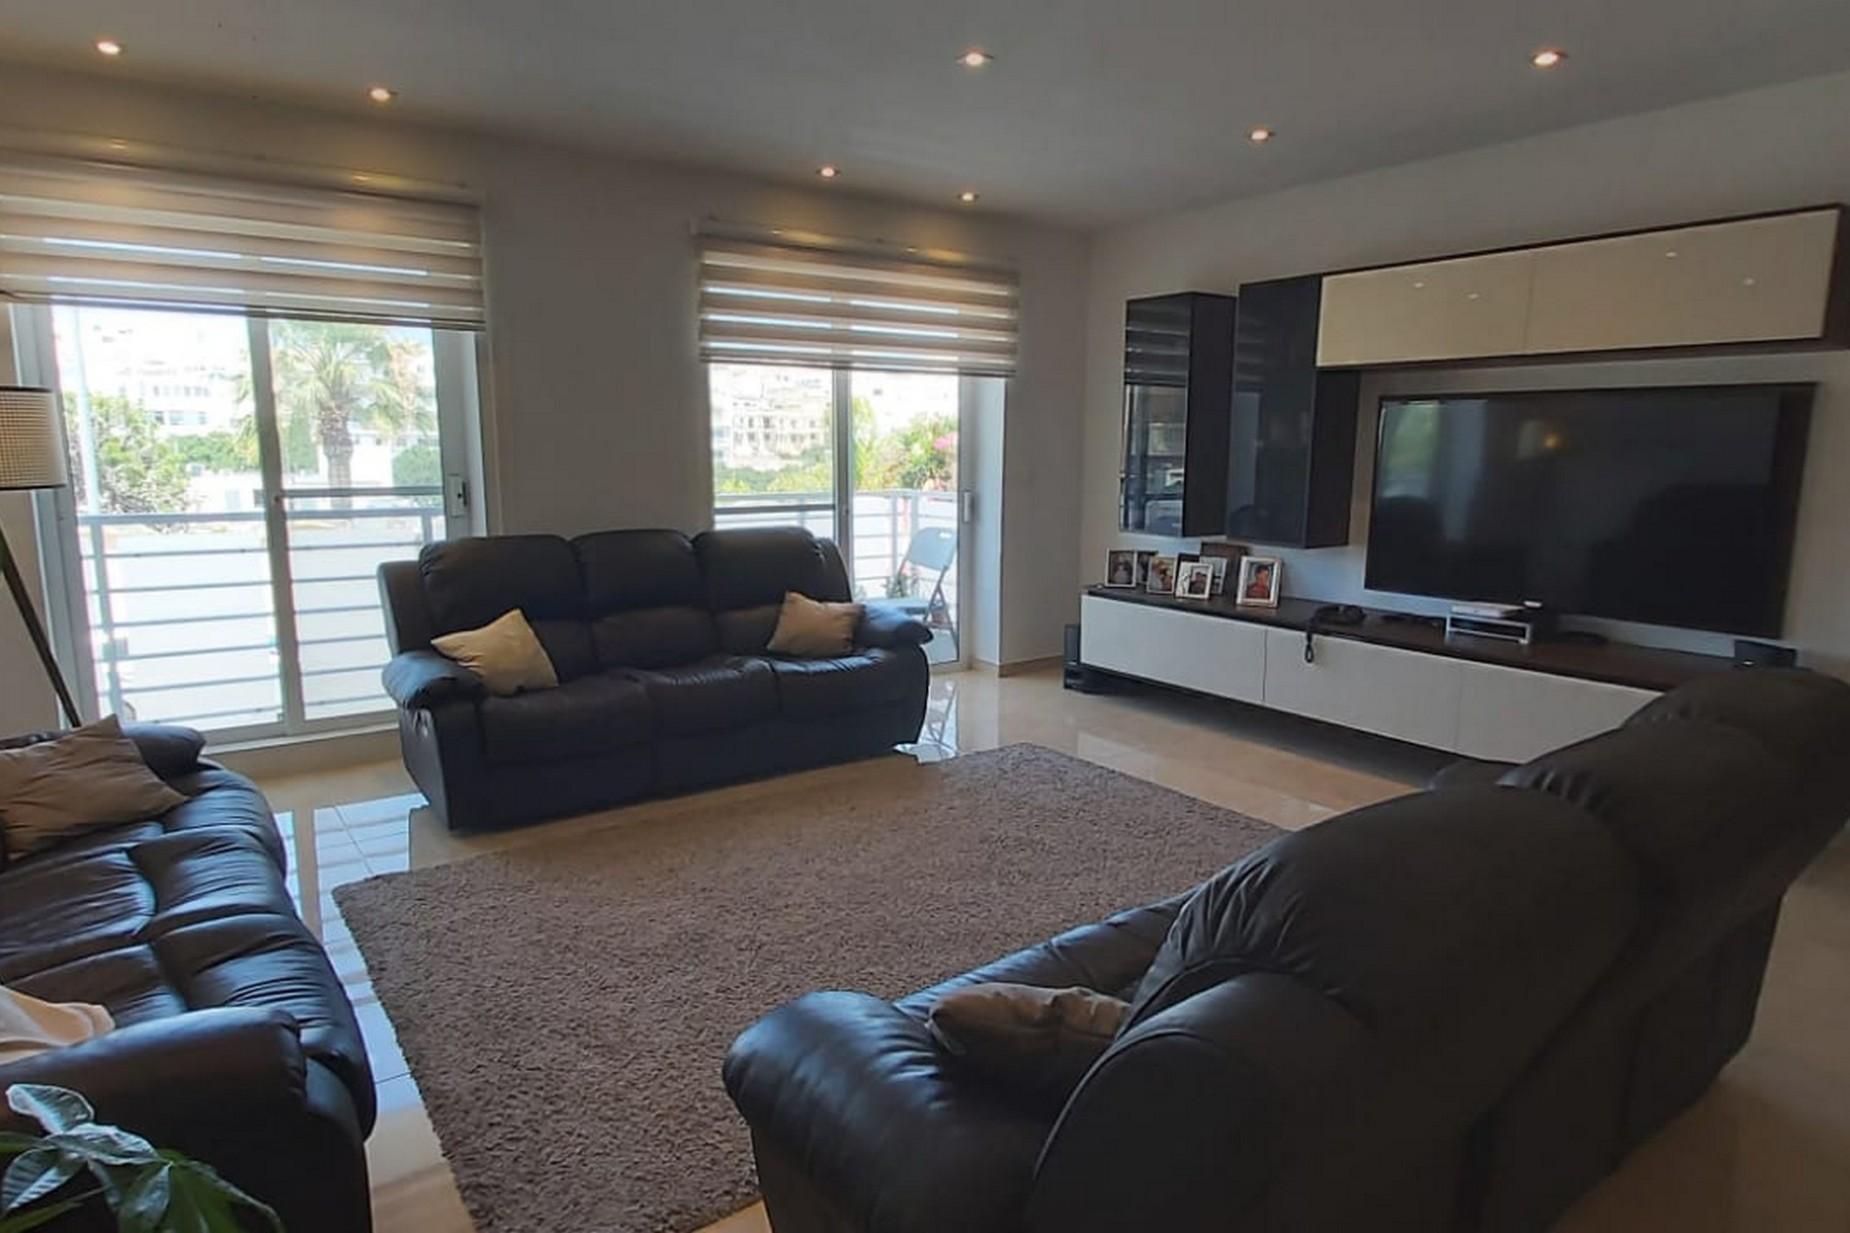 4 bed Apartment For Sale in Santa Venera, Santa Venera - thumb 7